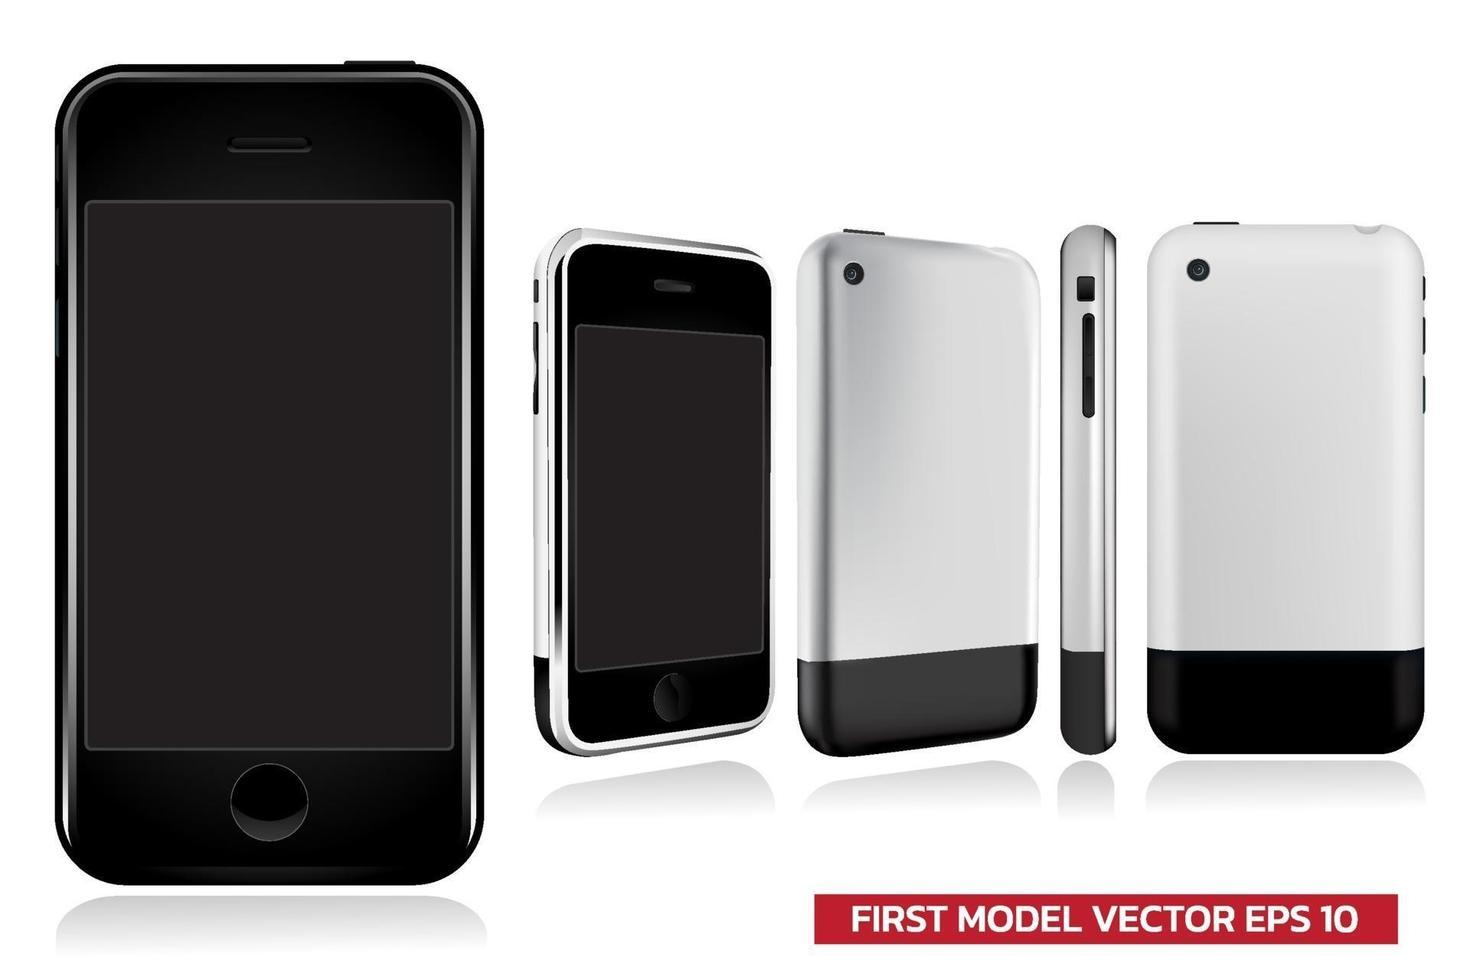 första generationen av modellsmartphone i olika vyer fram, sida, baksida, håna upp realistisk vektorillustration på vit bakgrund. vektor